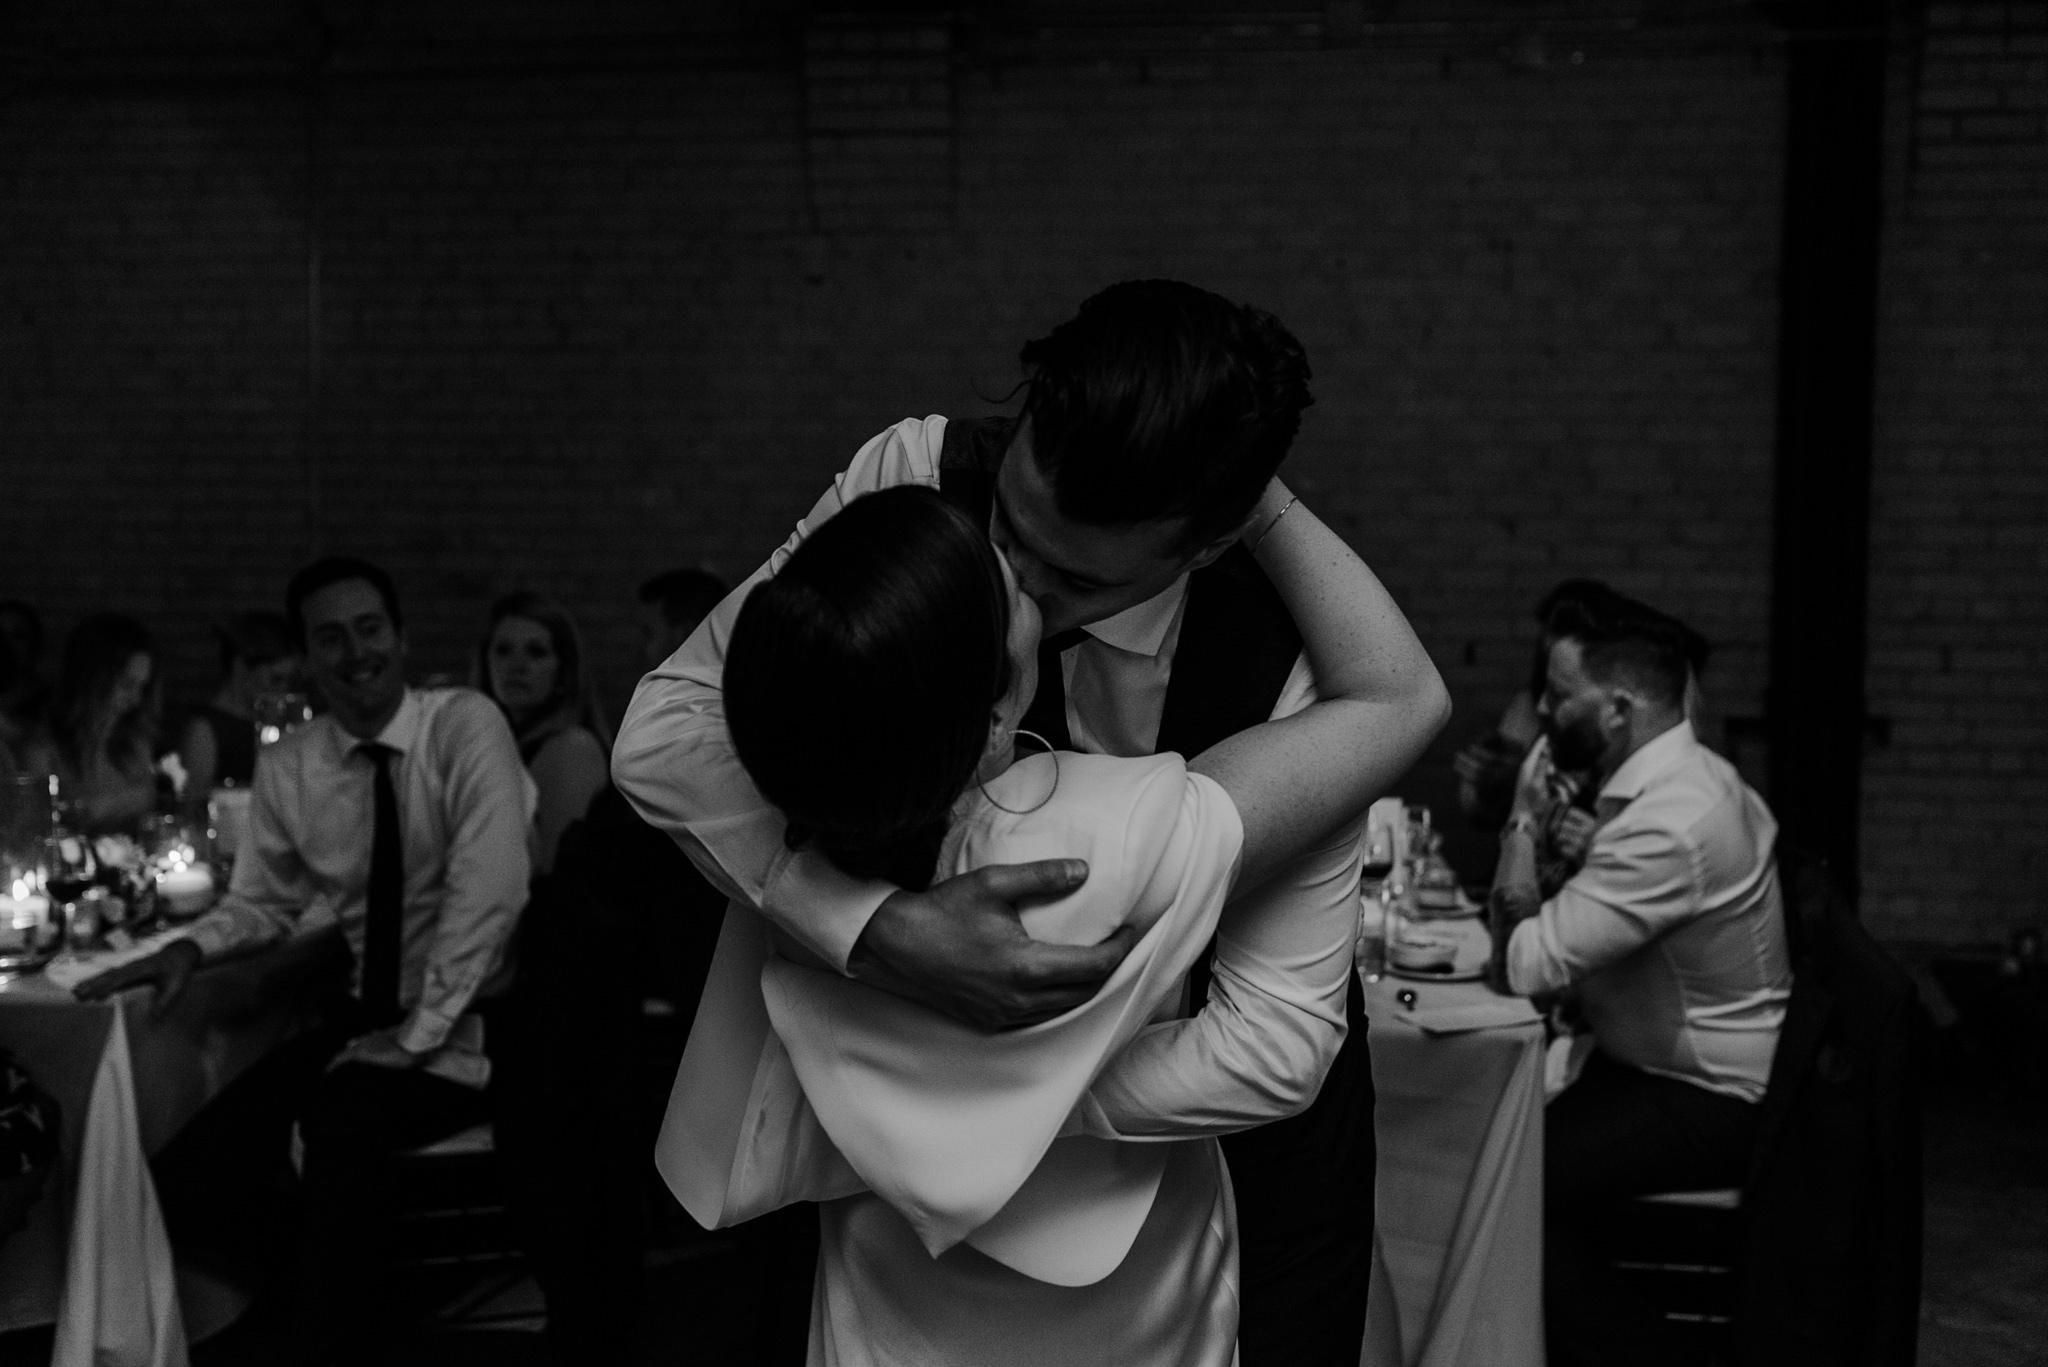 056-bride-groom-chic-industrial-wedding-storys-building.jpg